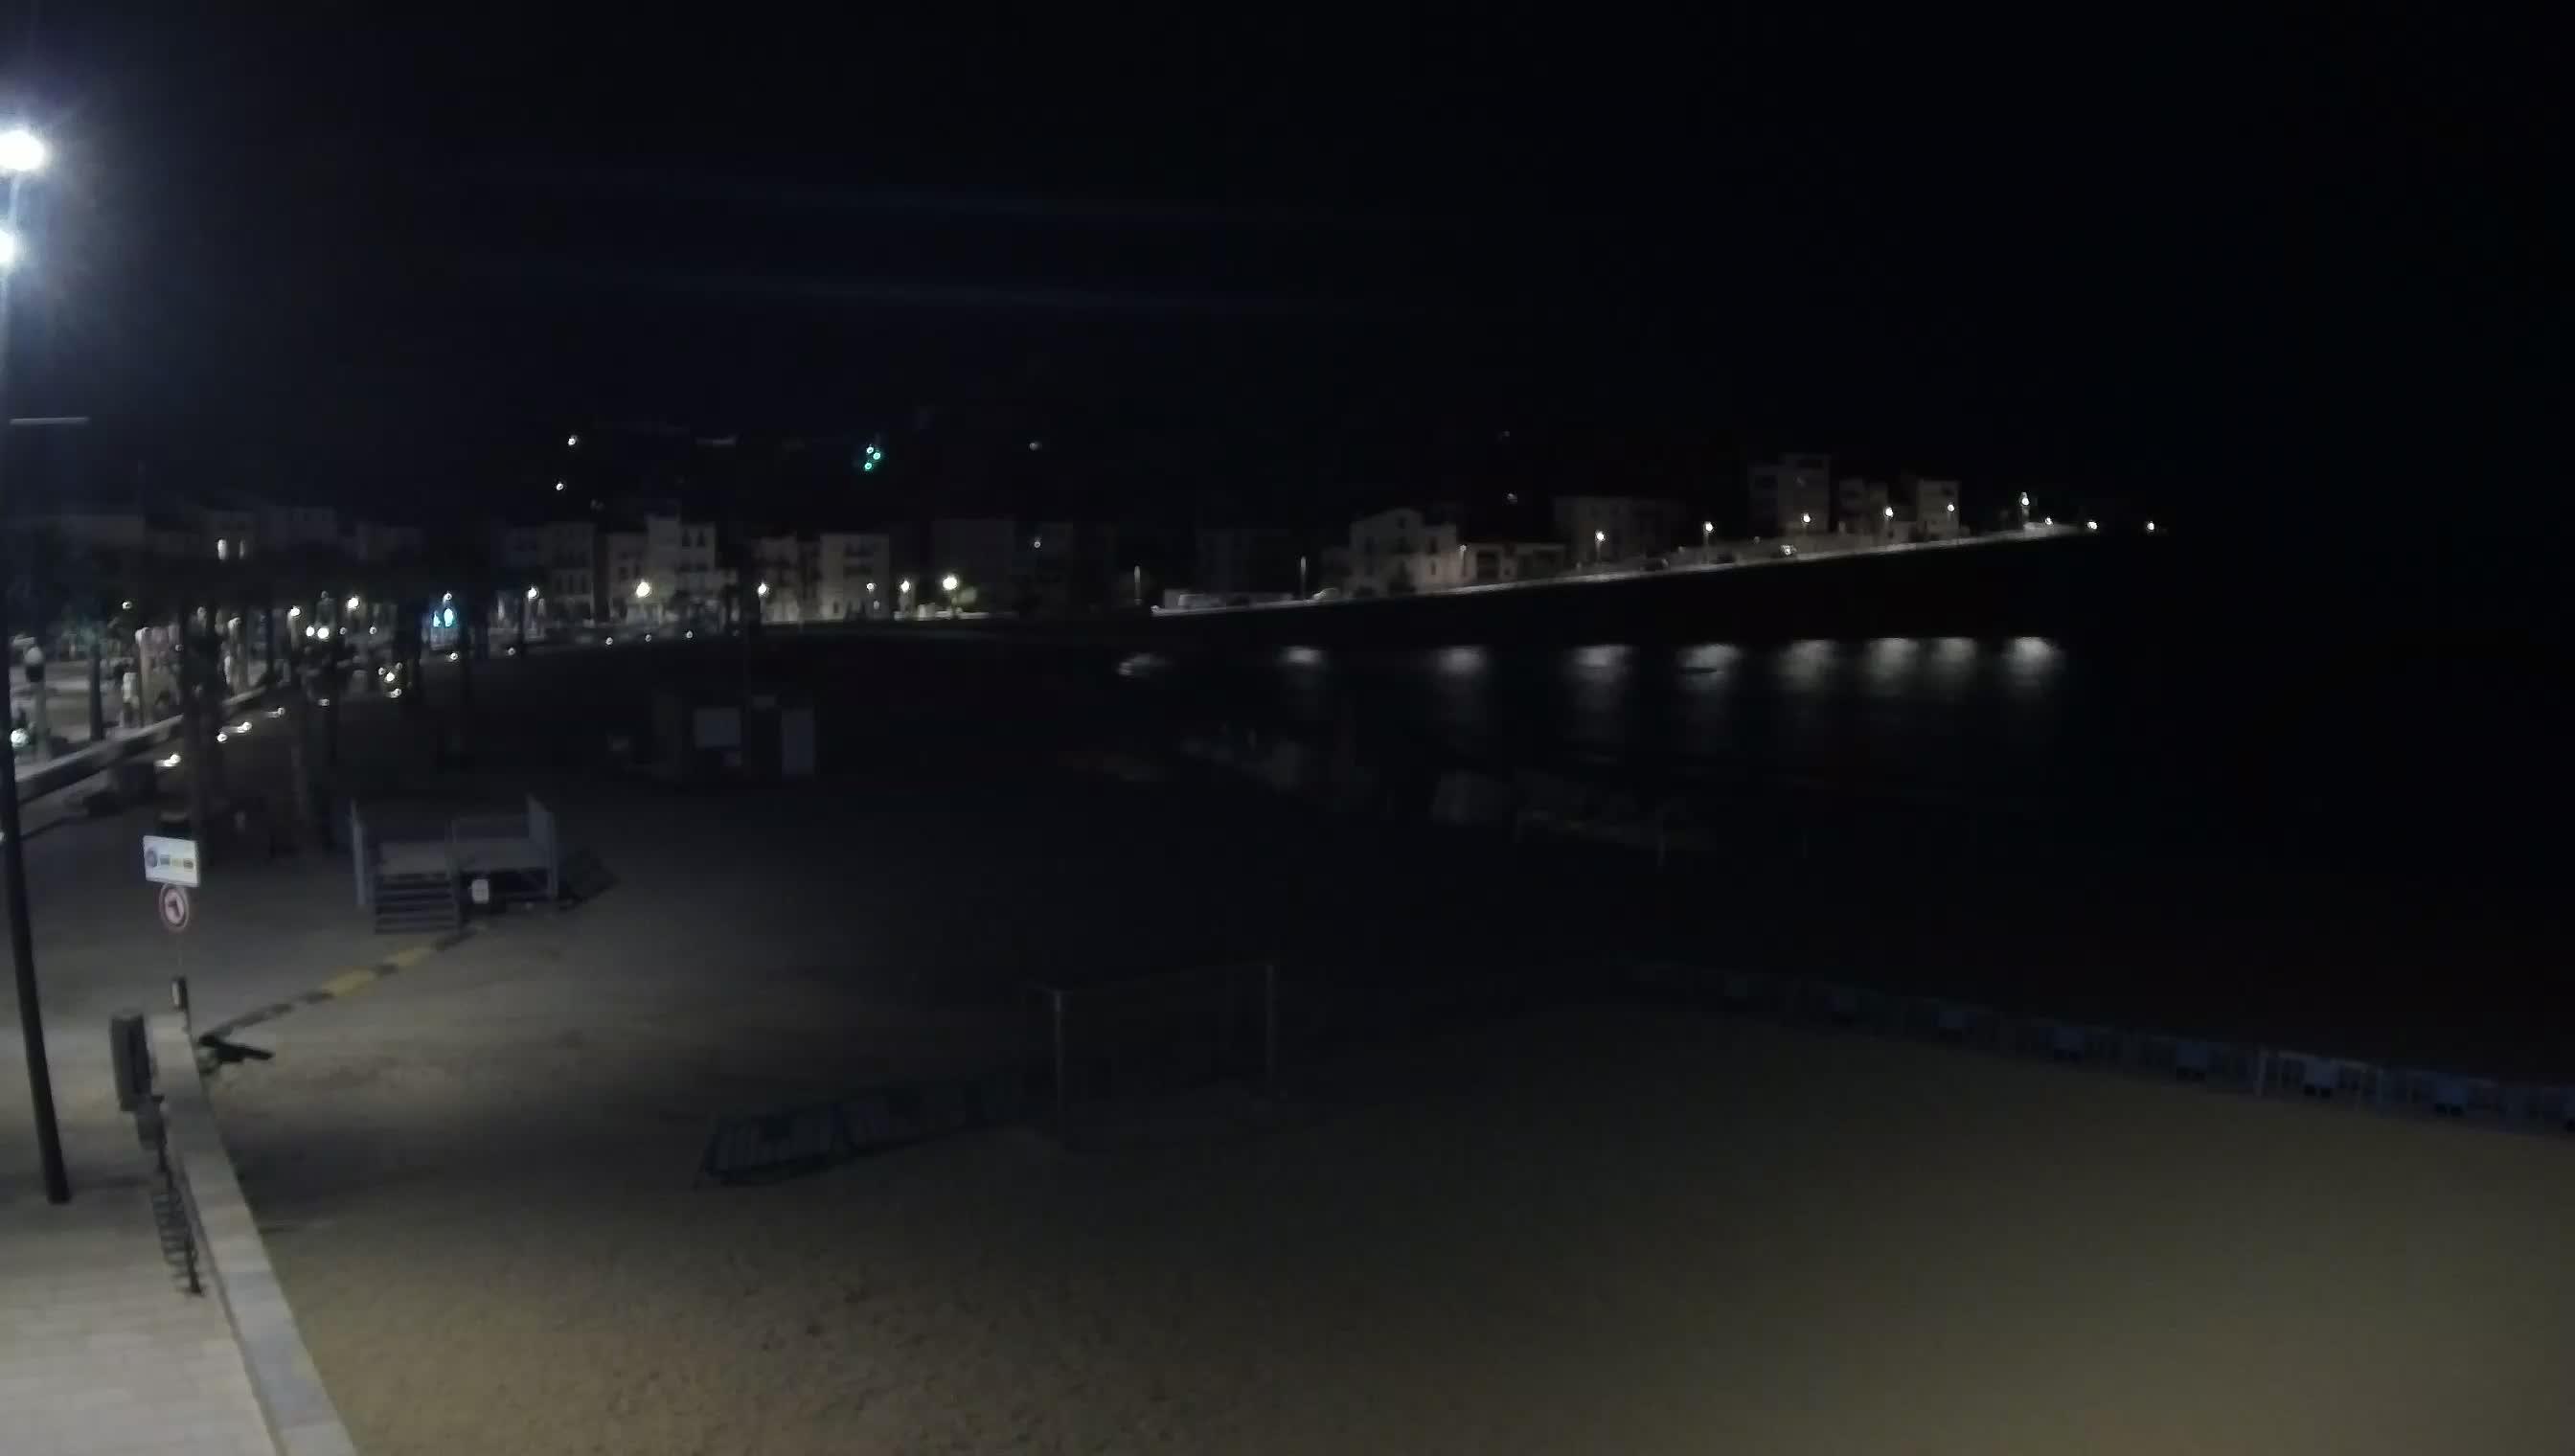 Banyuls-sur-Mer Sat. 02:22